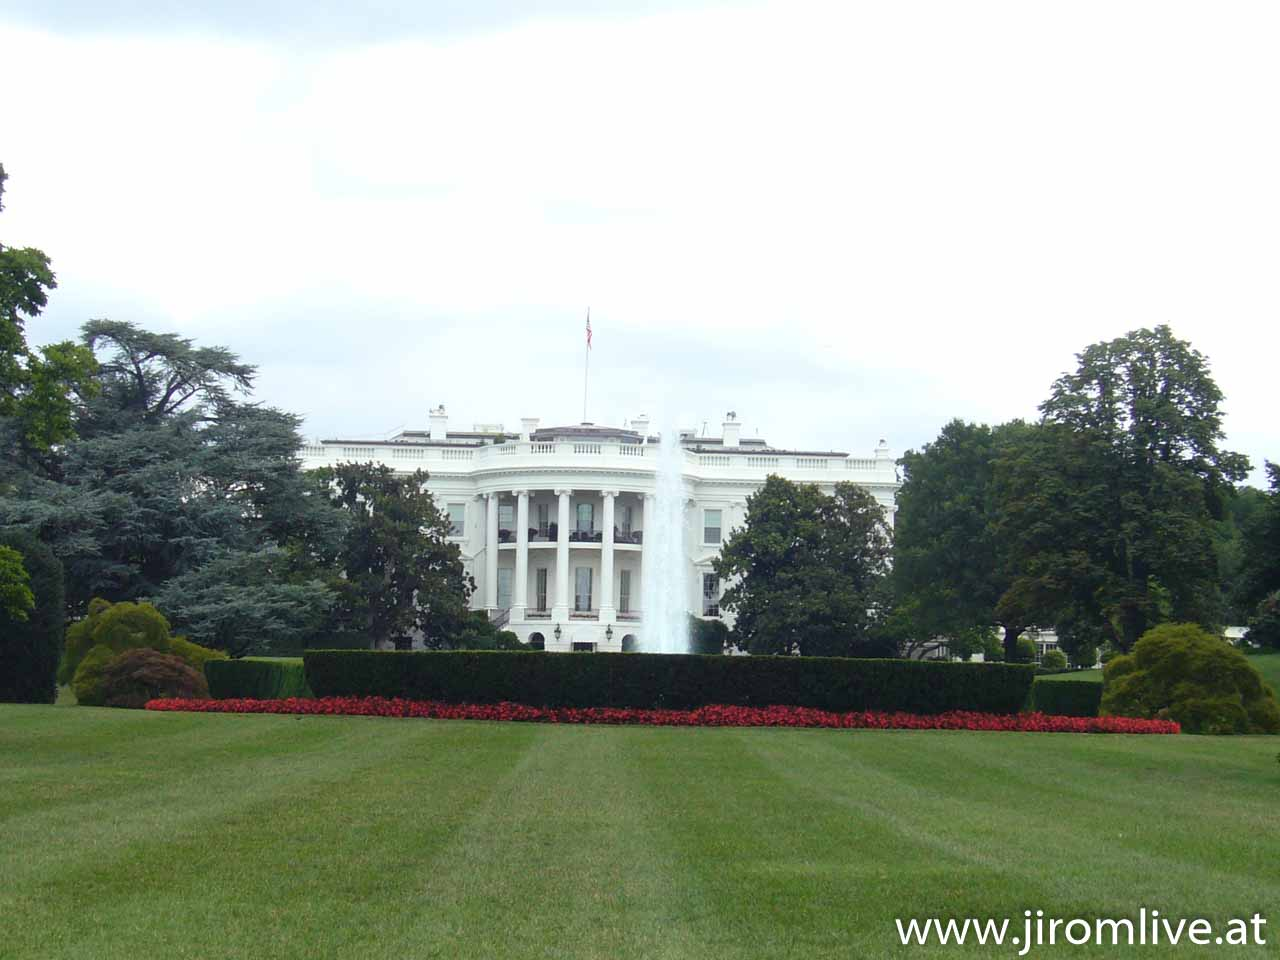 Das Weiße Haus in Washington D.C. - hier wohnt der Präsident der USA